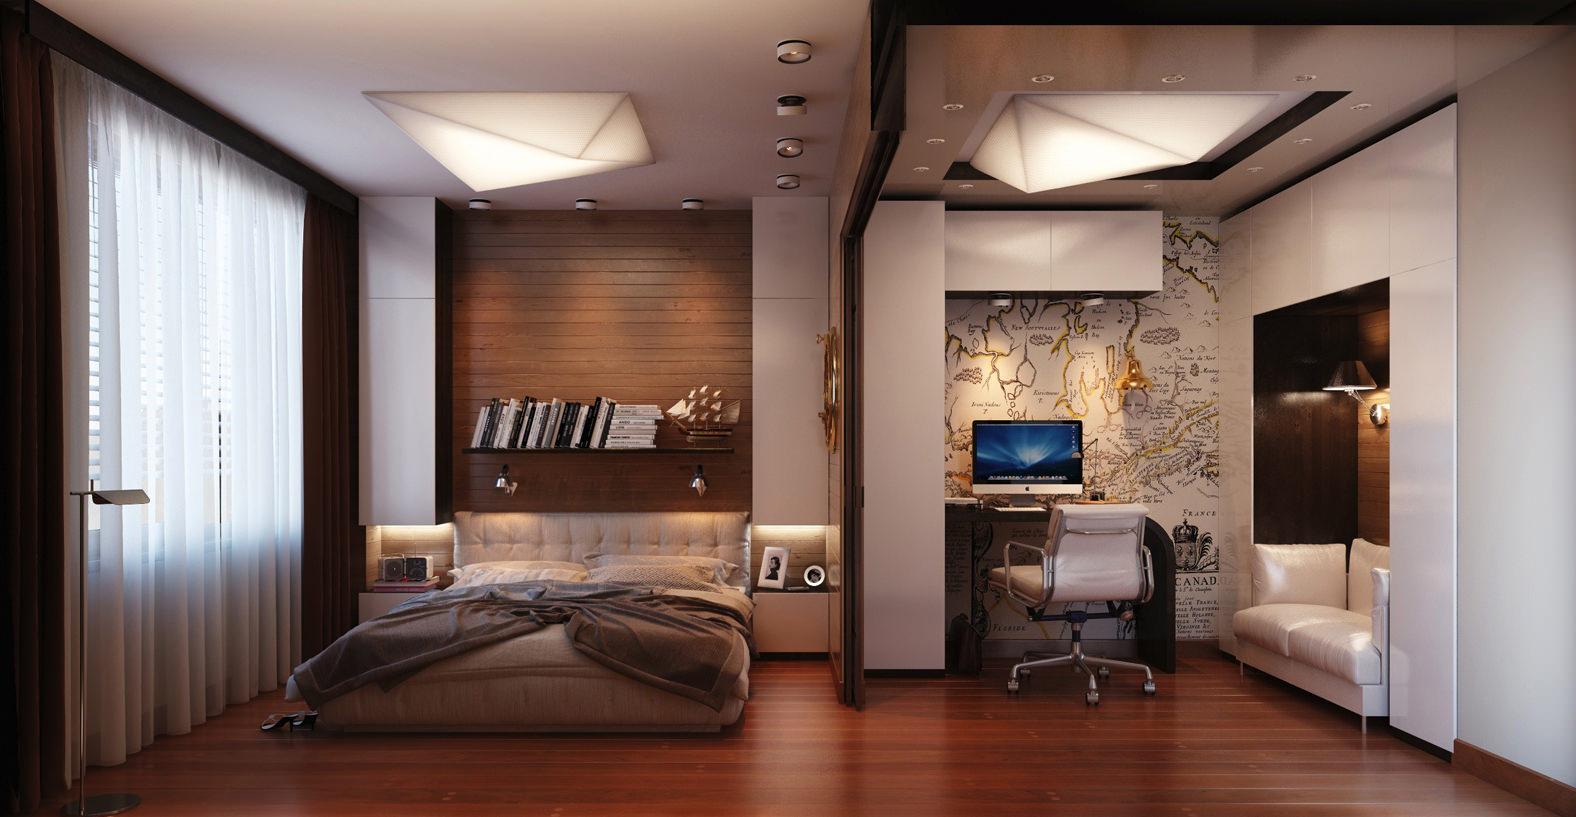 зонирование в квартире дизайн фото